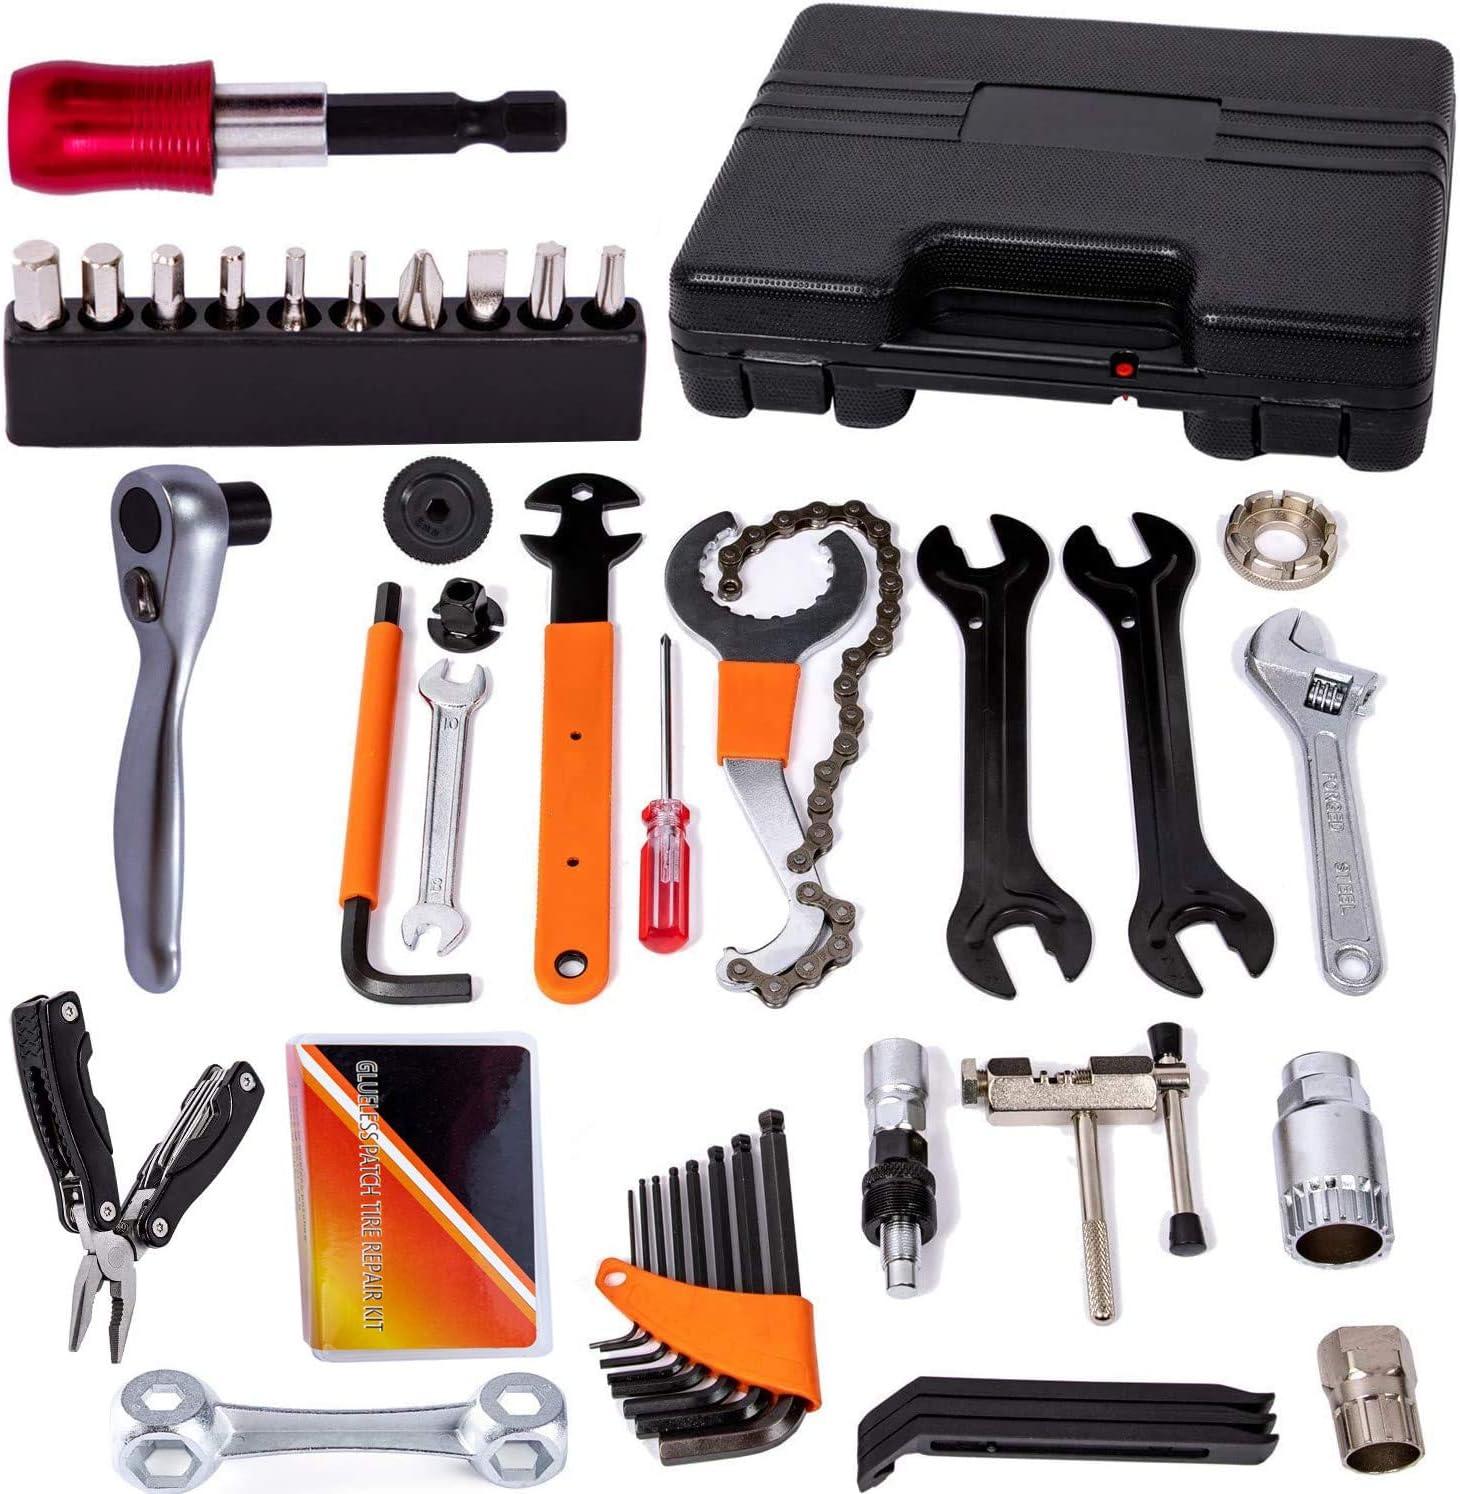 COZYROOMY Kit herramientas reparación bicicletas - Caja herramientas bicicletas con trinquete accionamiento reversible, herramienta cadena, herramienta neumáticos bicicleta, llave pedal, etc.